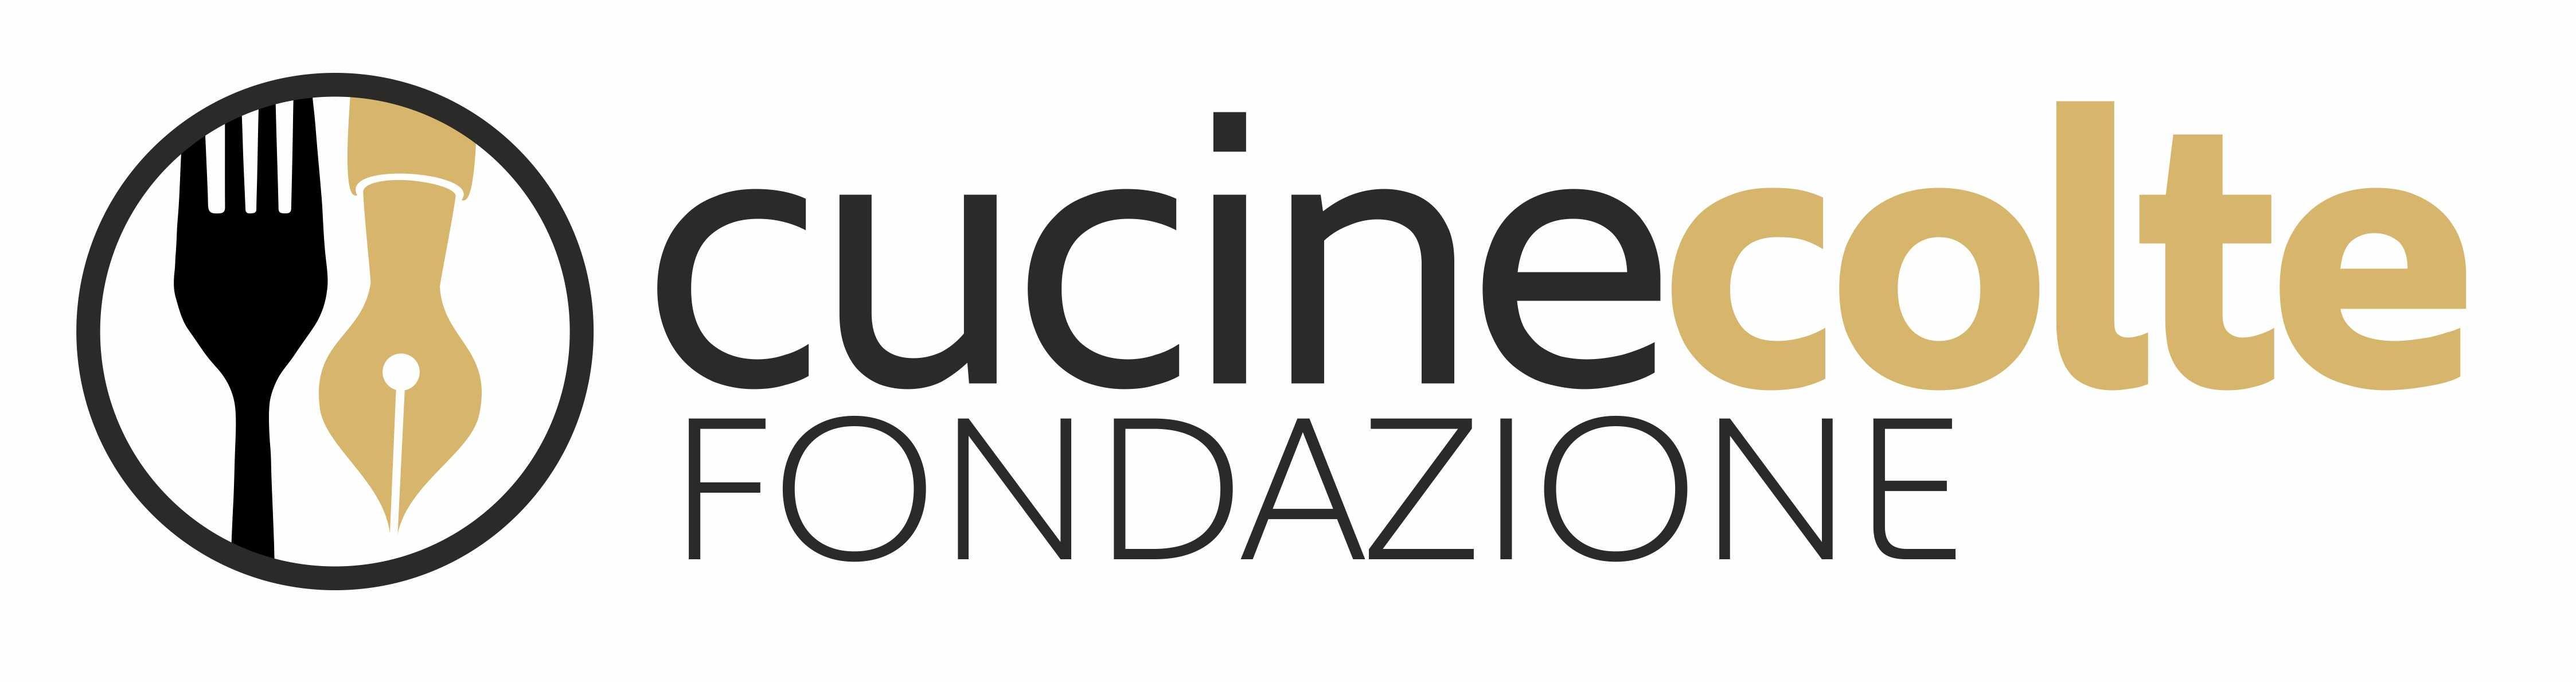 Rete del Dono - Fondazione Cucine Colte